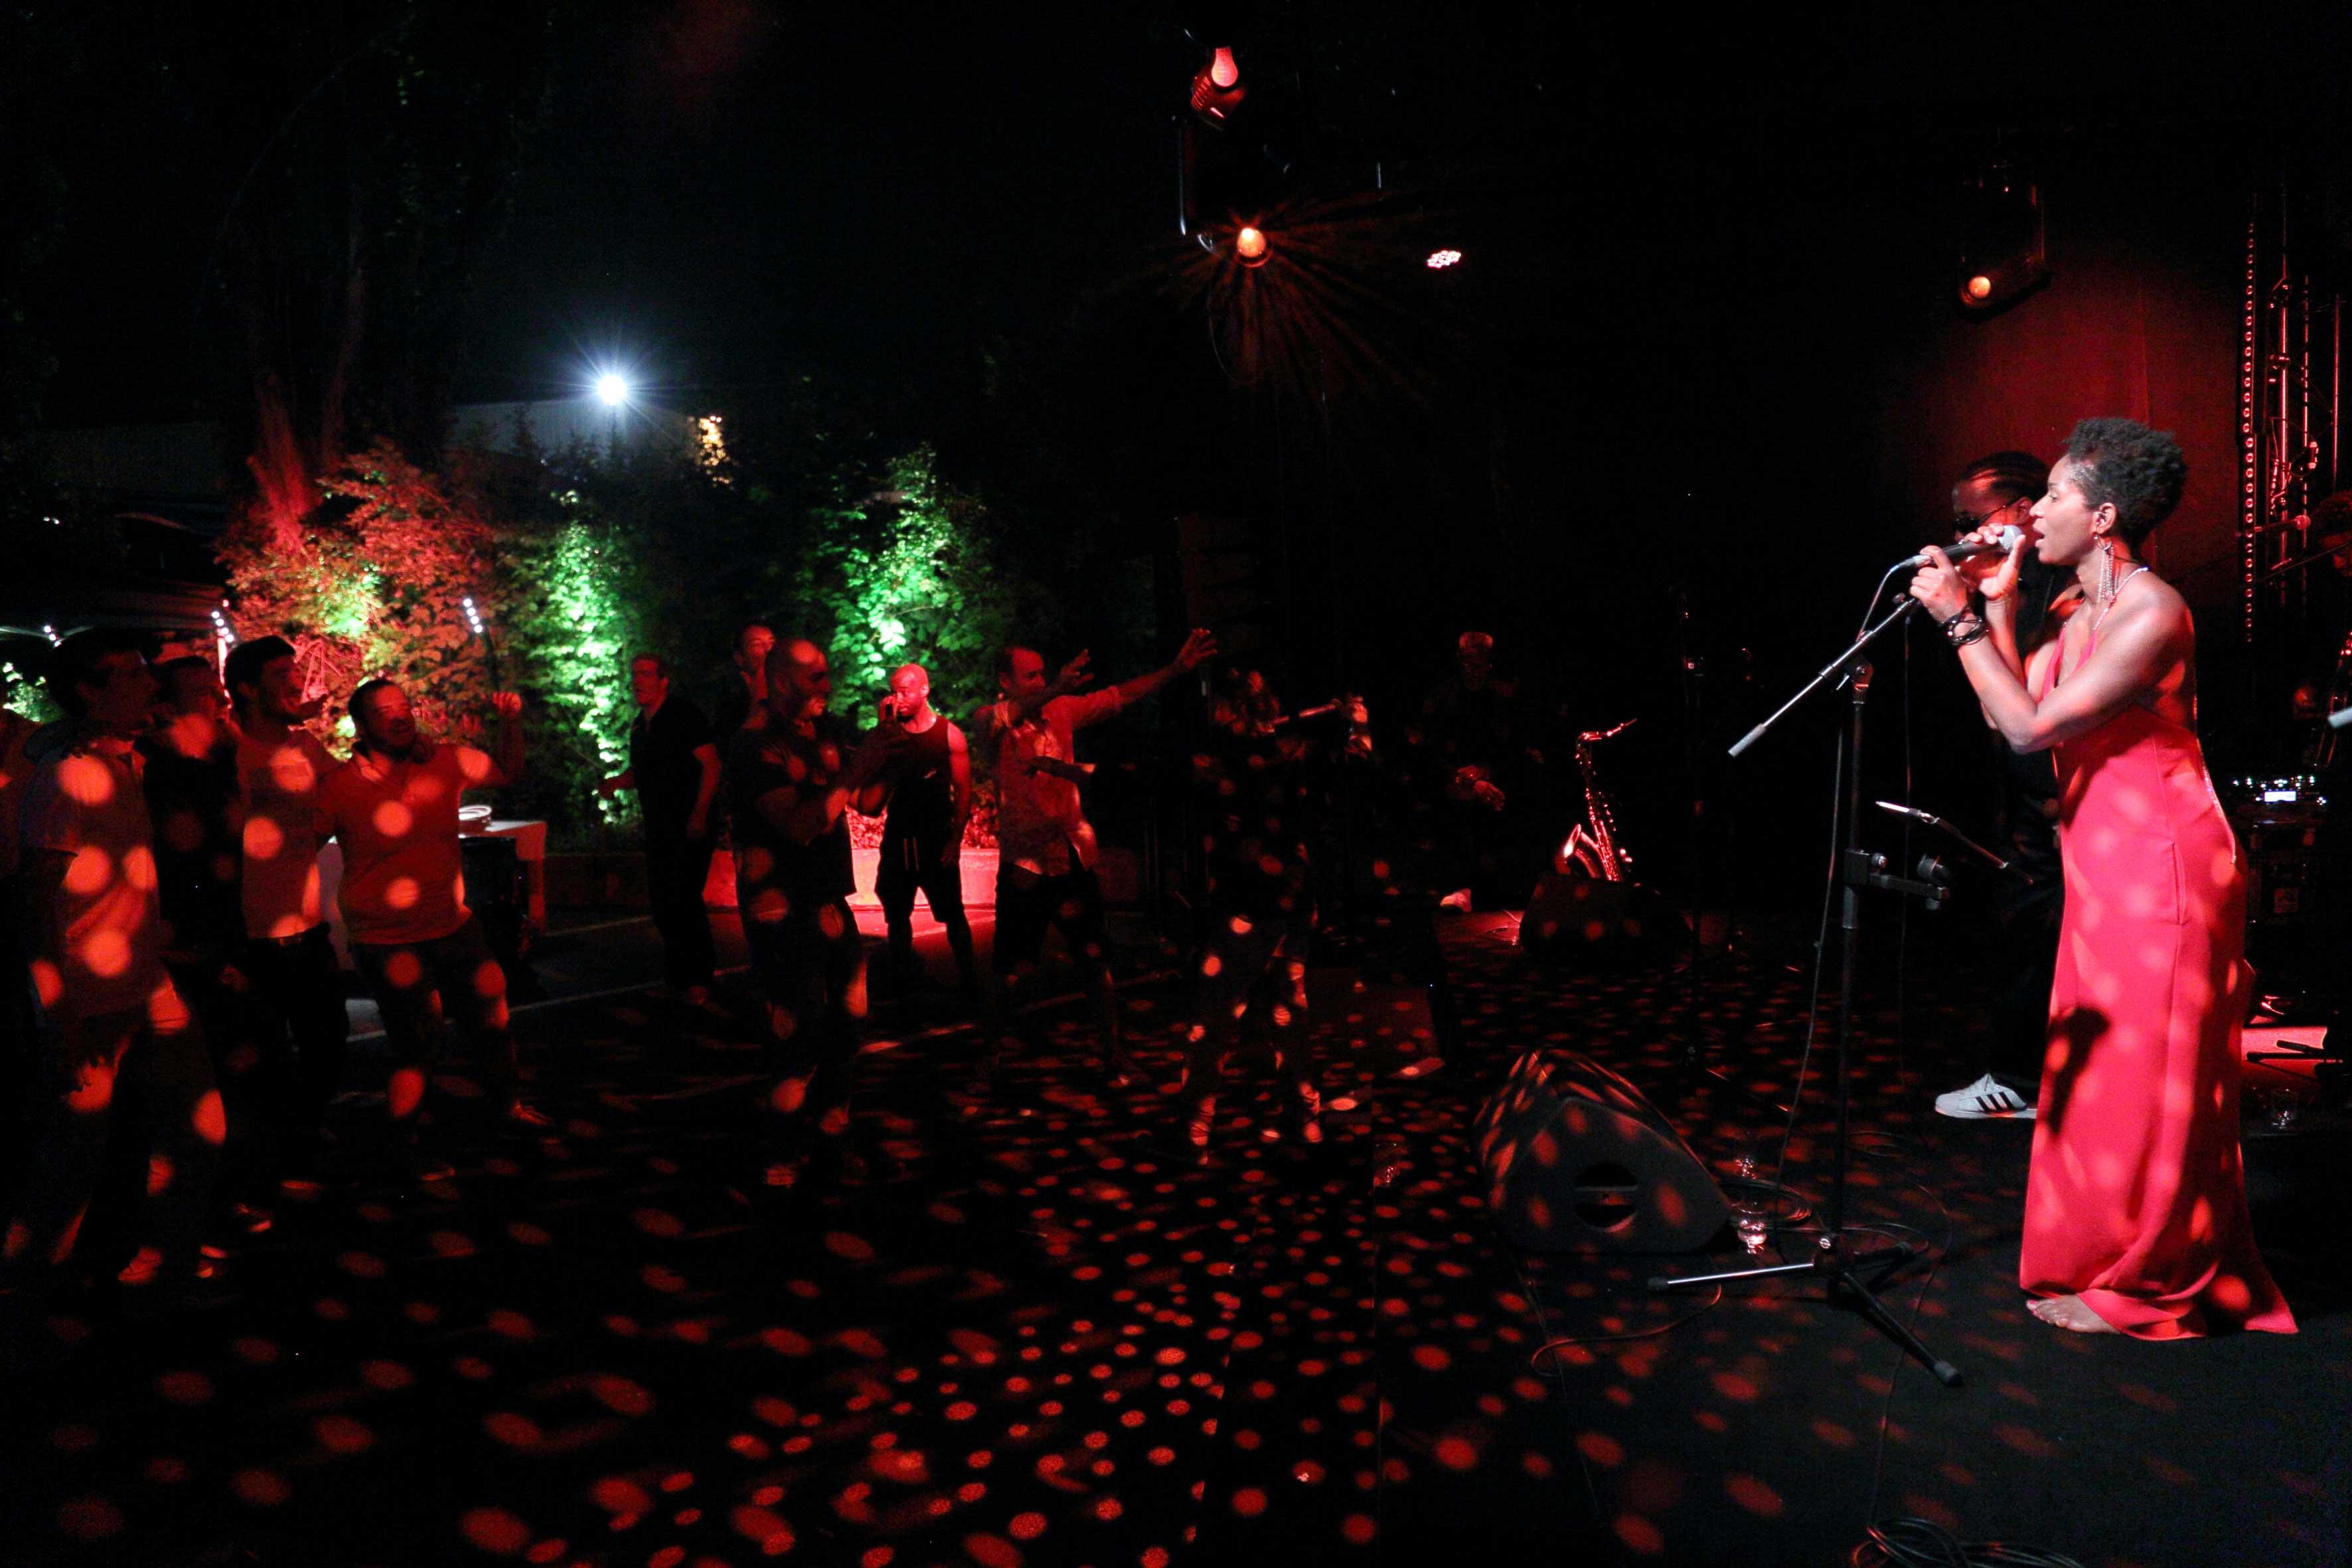 aucop-soiree-wissous-concert-musique-music-events-agency-lumieres-nice-paris-marseille